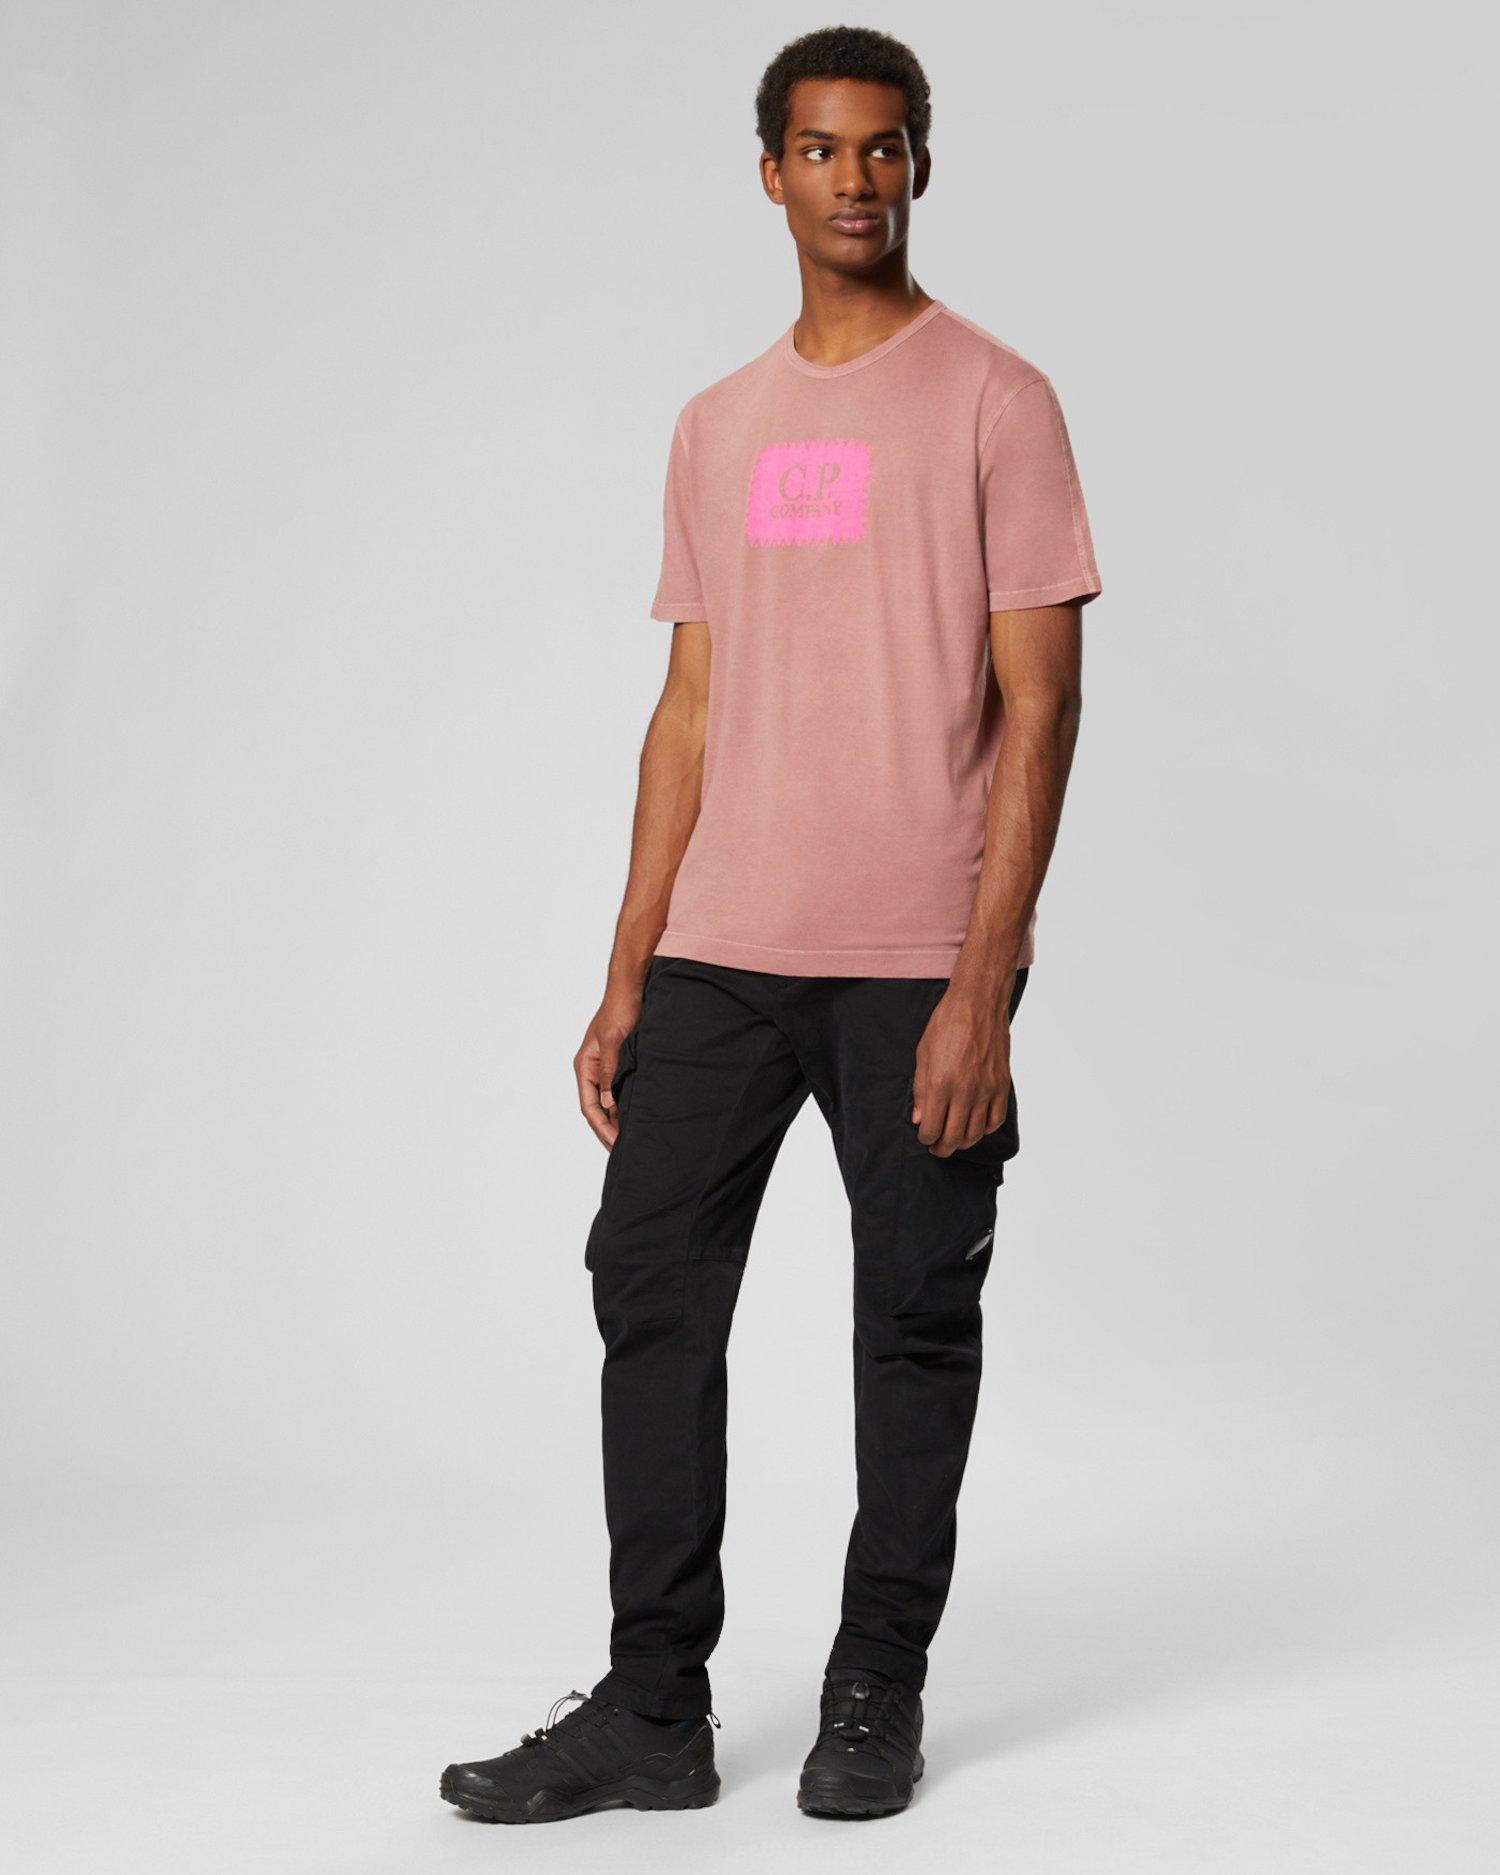 Re-Colour Jersey Short Sleeve T-Shirt